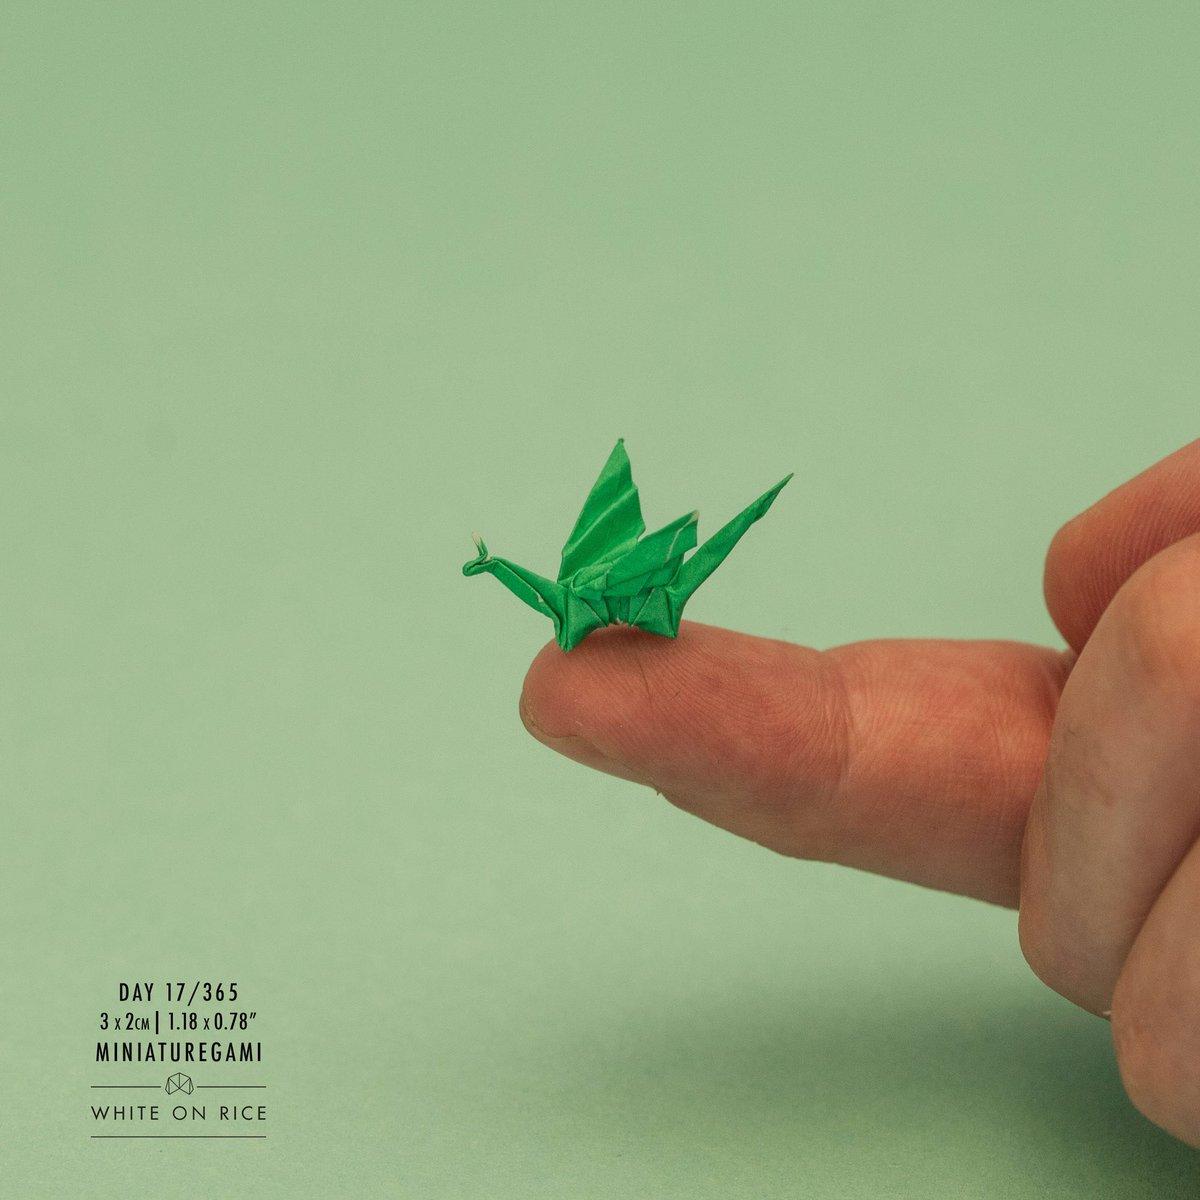 Мини оригами из бумаги, созданные при помощи пинцета, покорили сеть!